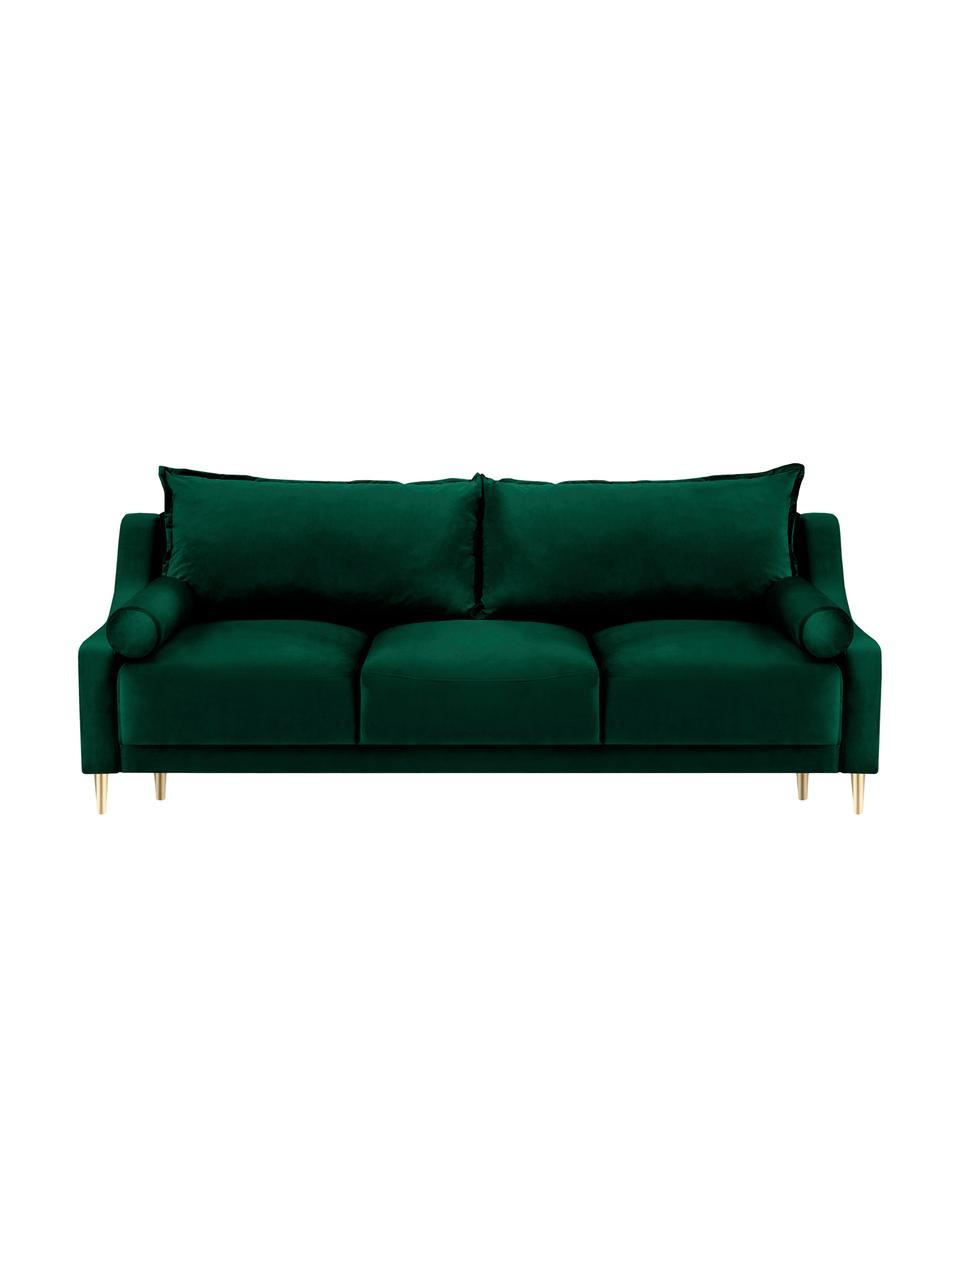 Sofa z aksamitu z funkcją spania i miejscem do przechowywania Lea (3-osobowa), Tapicerka: aksamit poliestrowy Dzięk, Nogi: metal malowany proszkowo, Butelkowy zielony, S 215 x G 94 cm